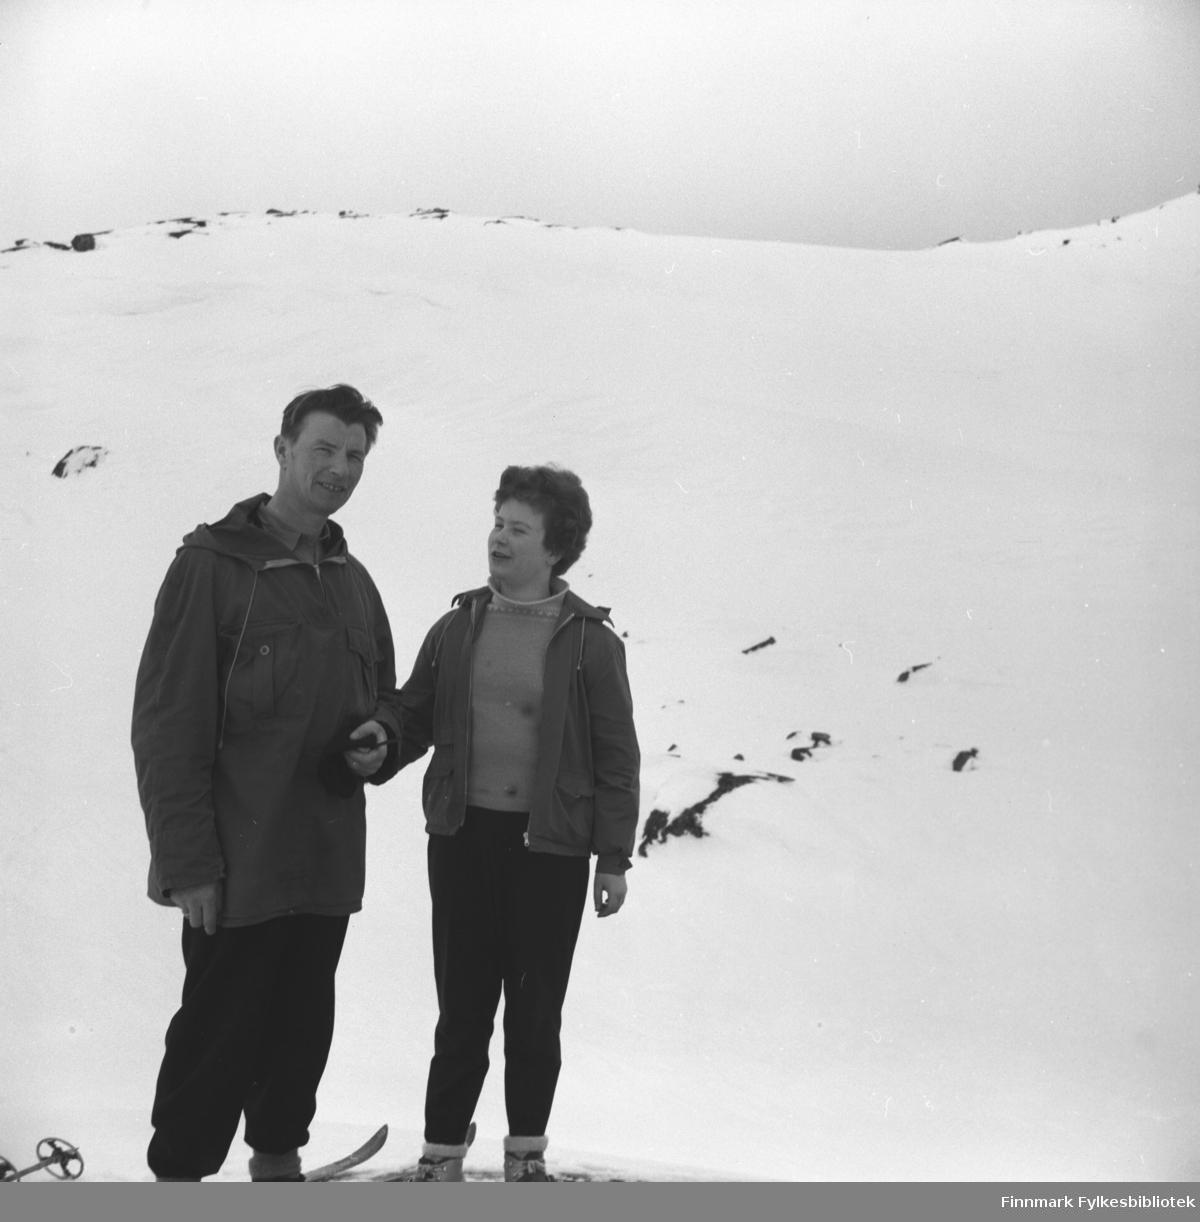 Eino Drannem og Turid Karikoski på skitur i fjellet ovenfor Hammerfest.